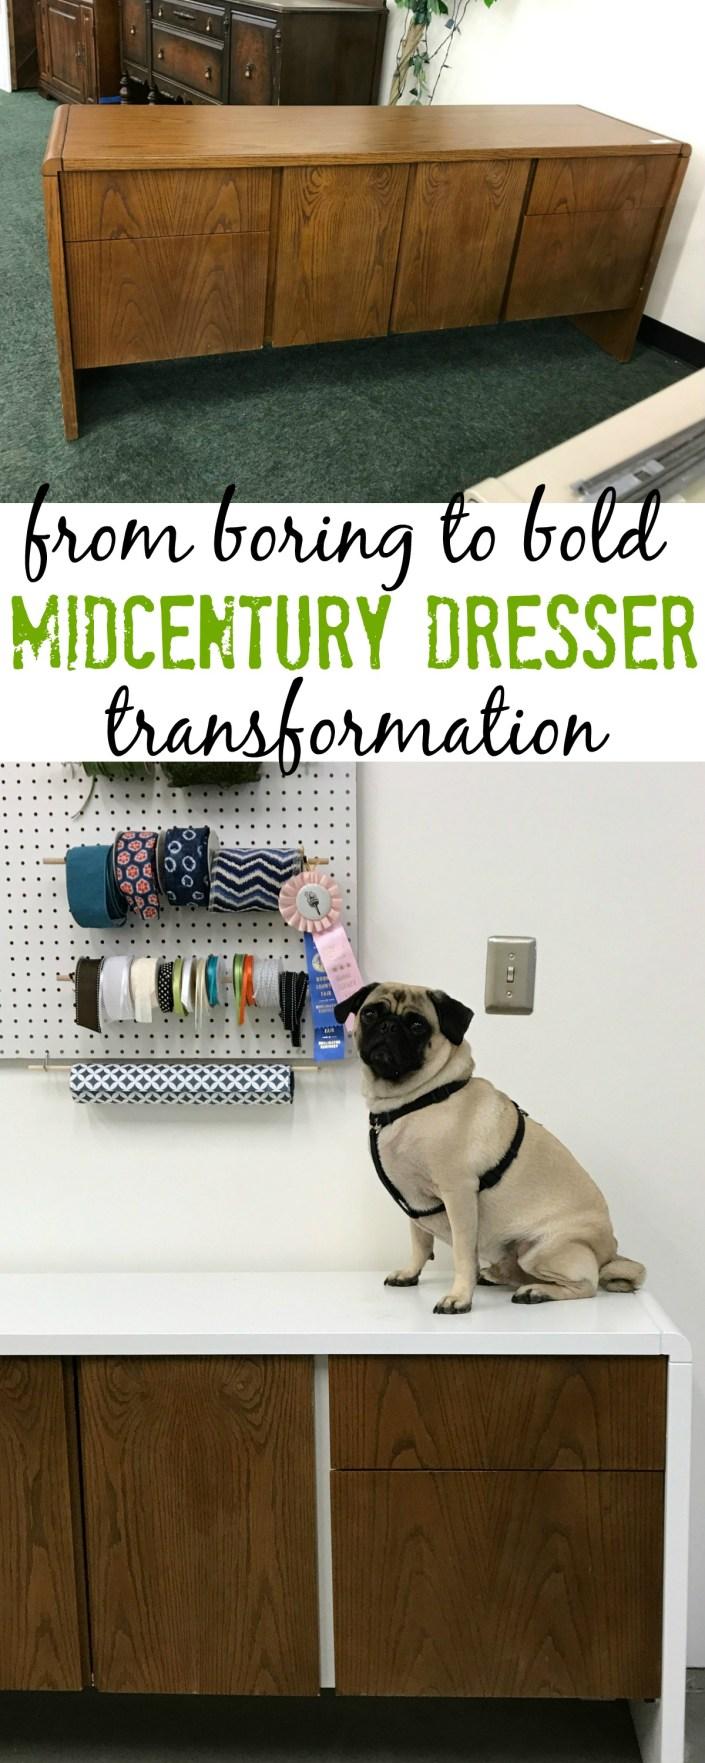 midcentury dresser makeover - myfrenchtwist.com